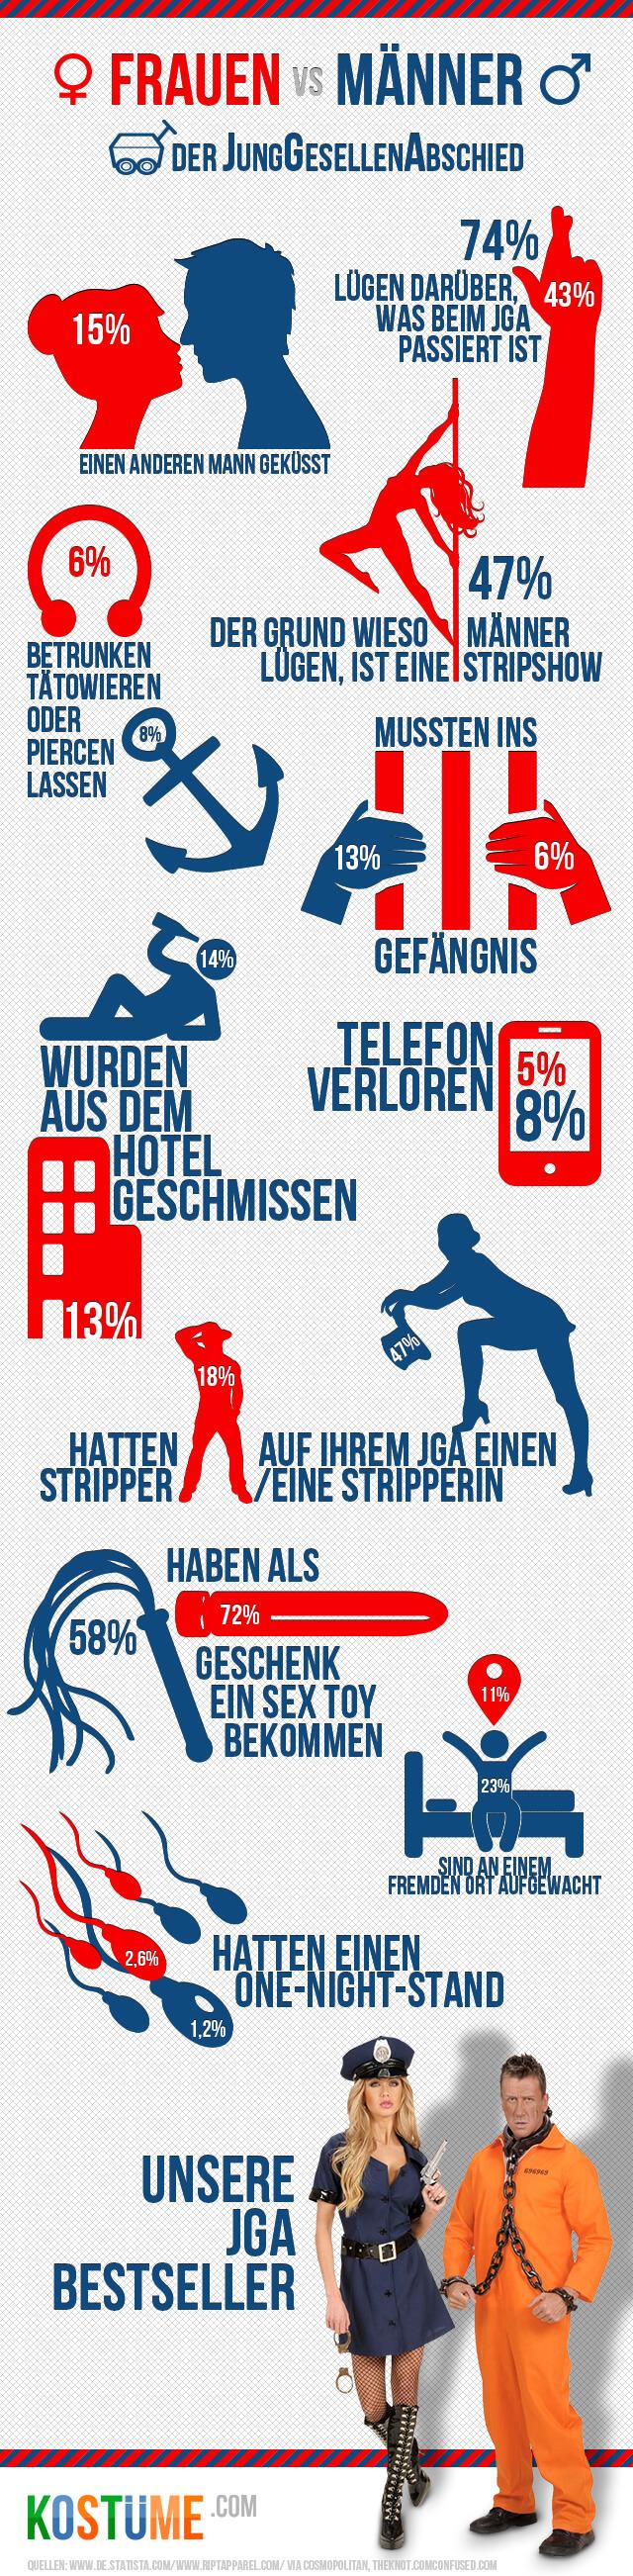 Daten und Fakten zum Junggesellenabschied in einer Infografik